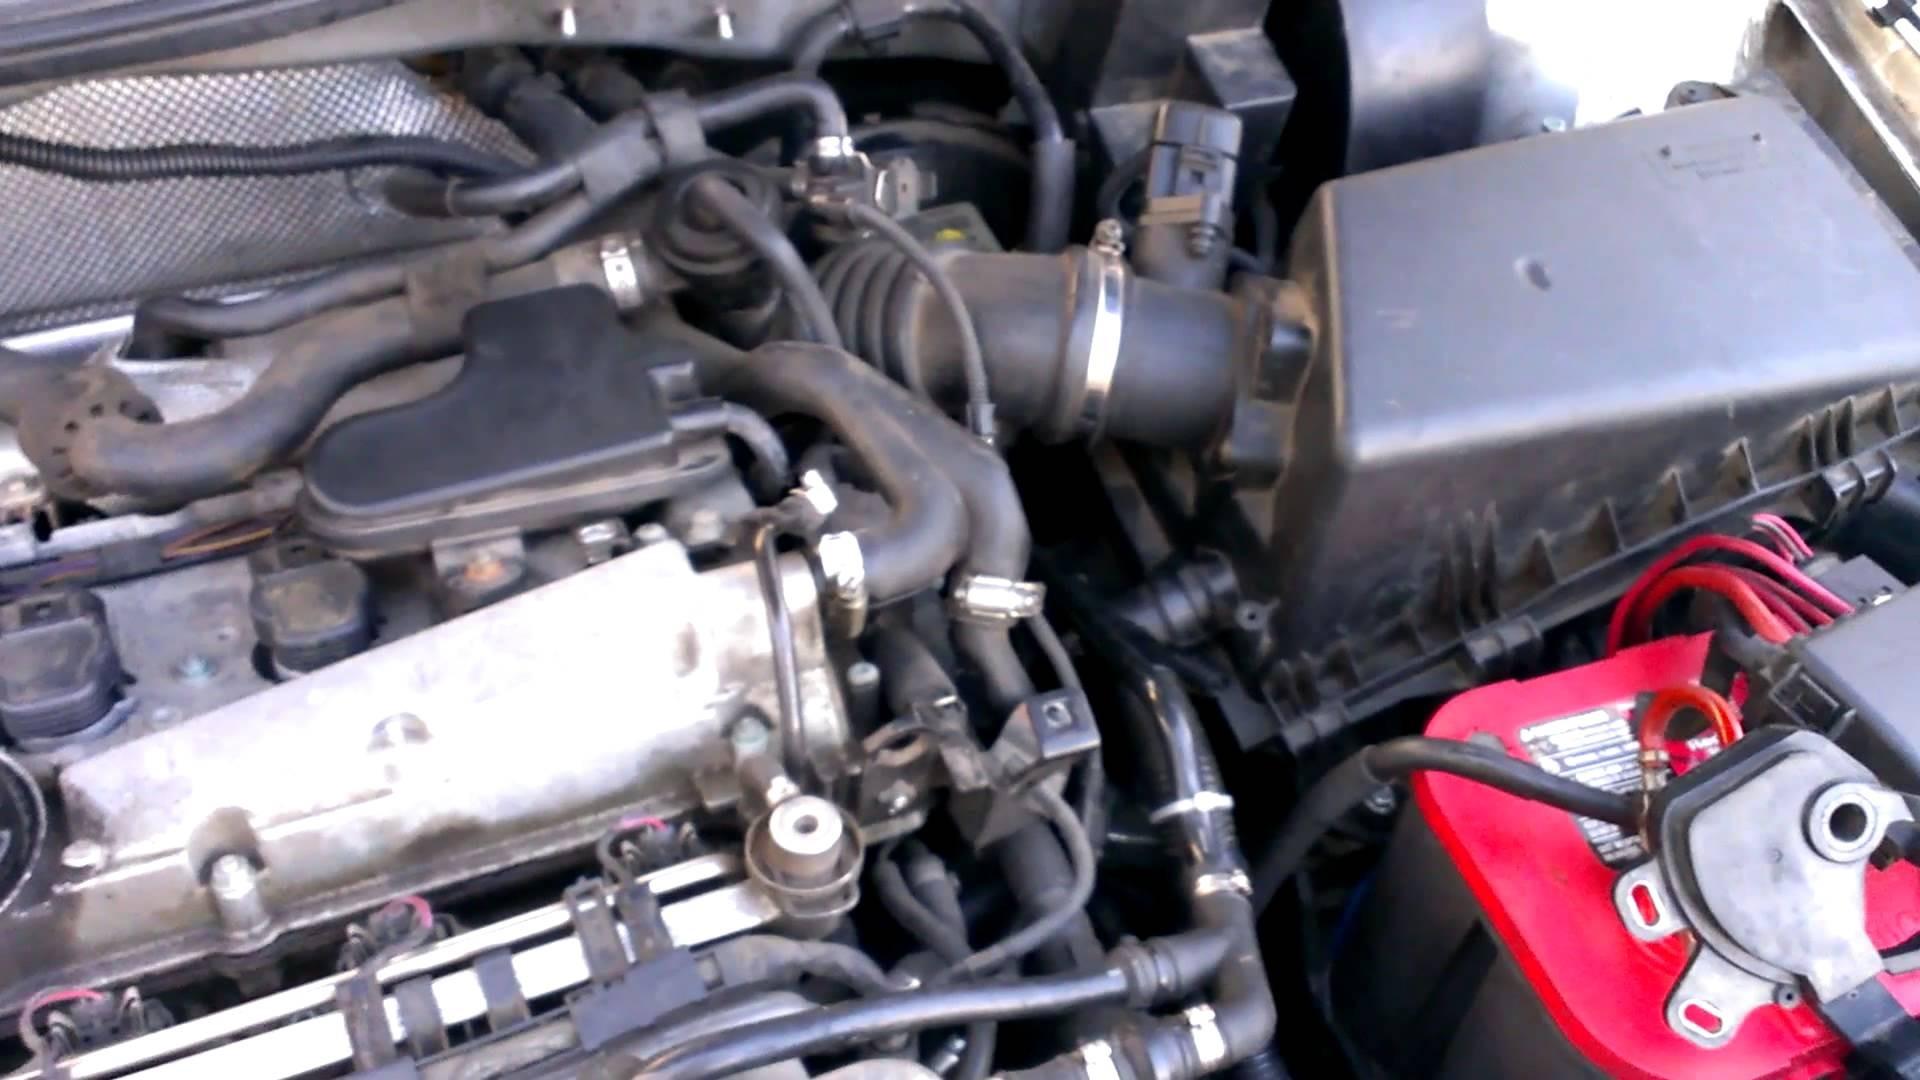 07 Vw Jetta Wiper Motor Wiring Diagram Schematic Wiring Diagram